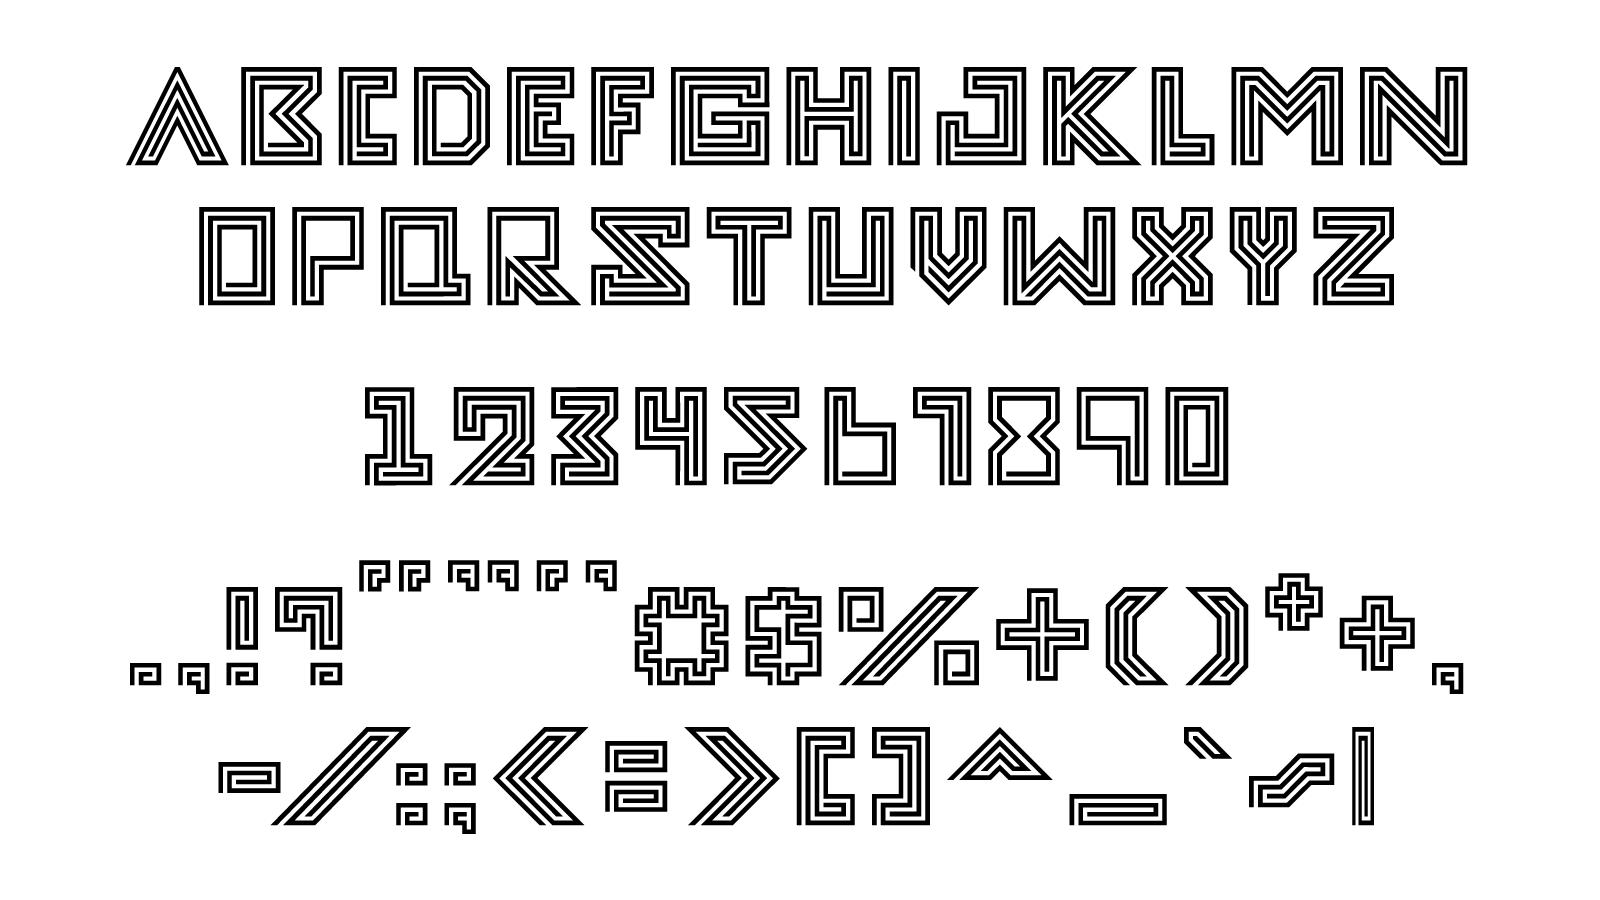 Specimen-Sheet-Maze.png